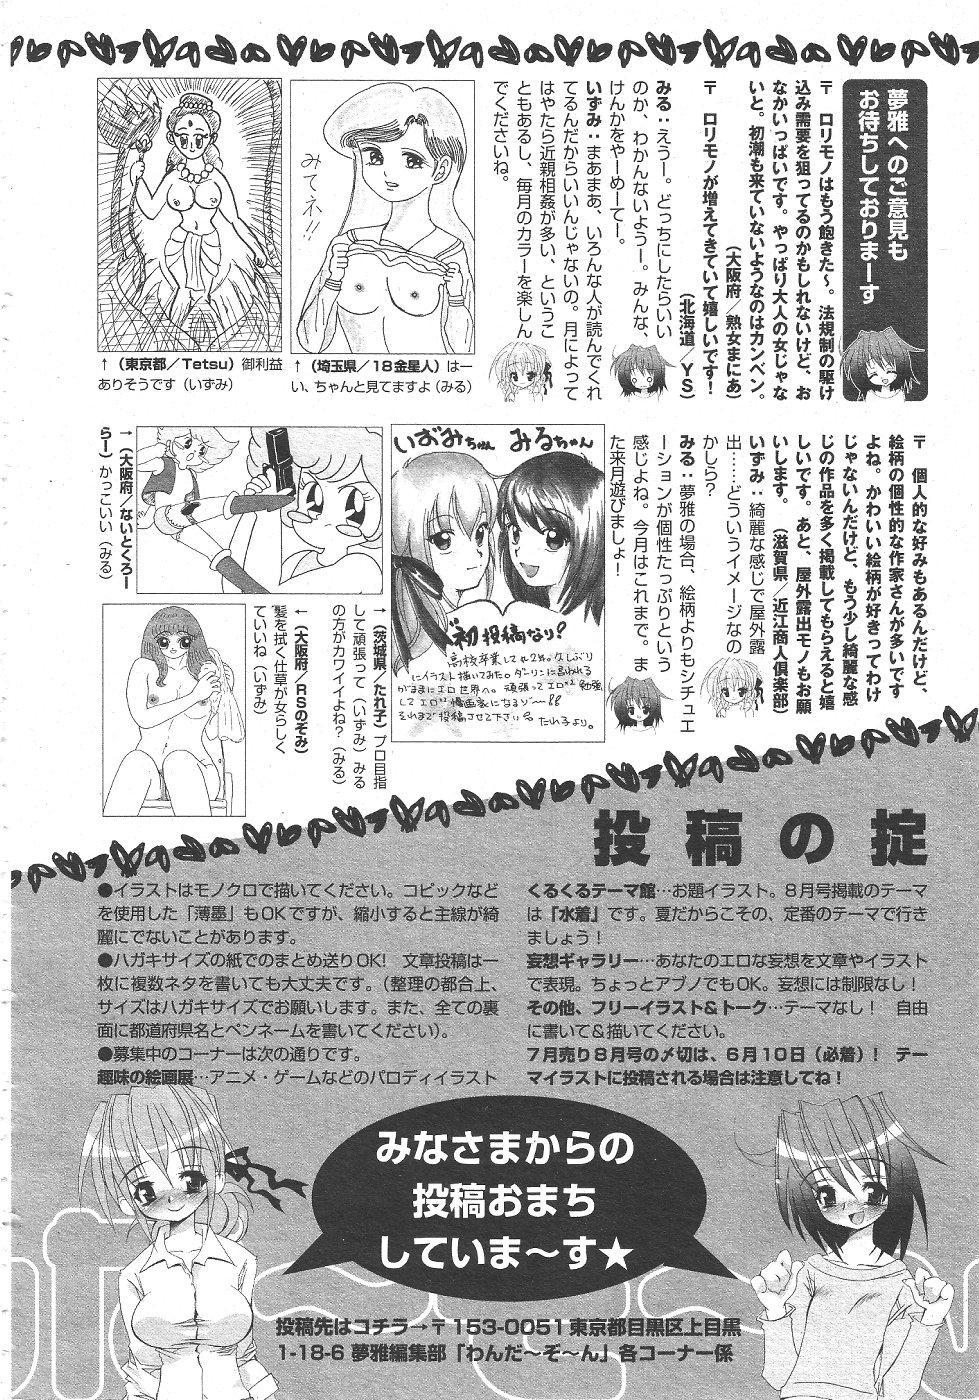 Gekkan Comic Muga 2004-06 Vol.10 419